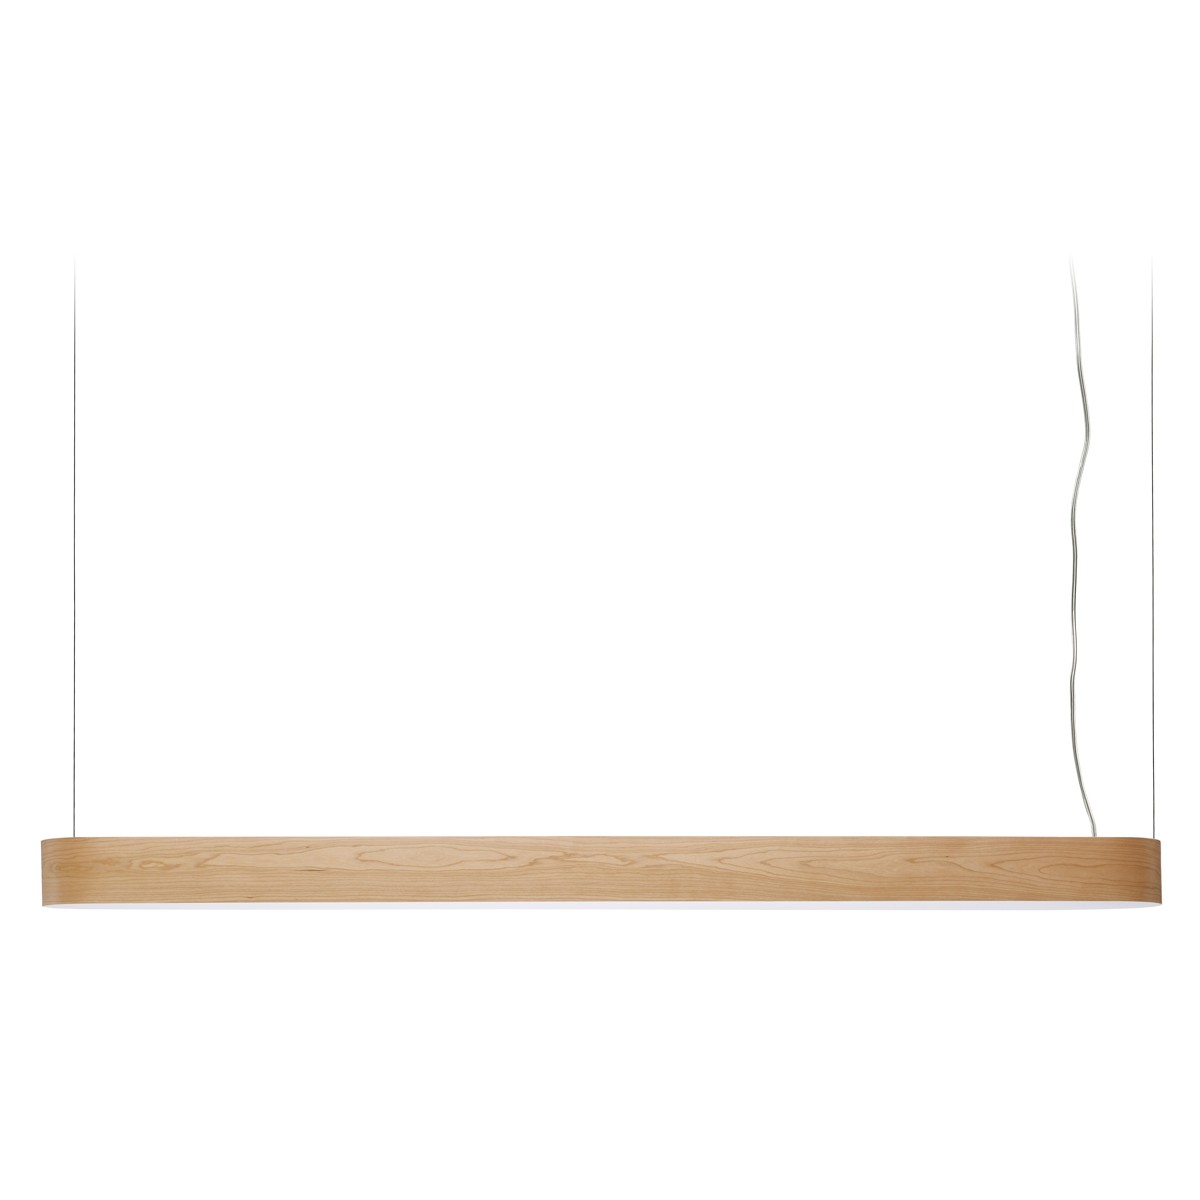 LZF Lamps I-Club Long Slim LED Pendelleuchte, Kirsche